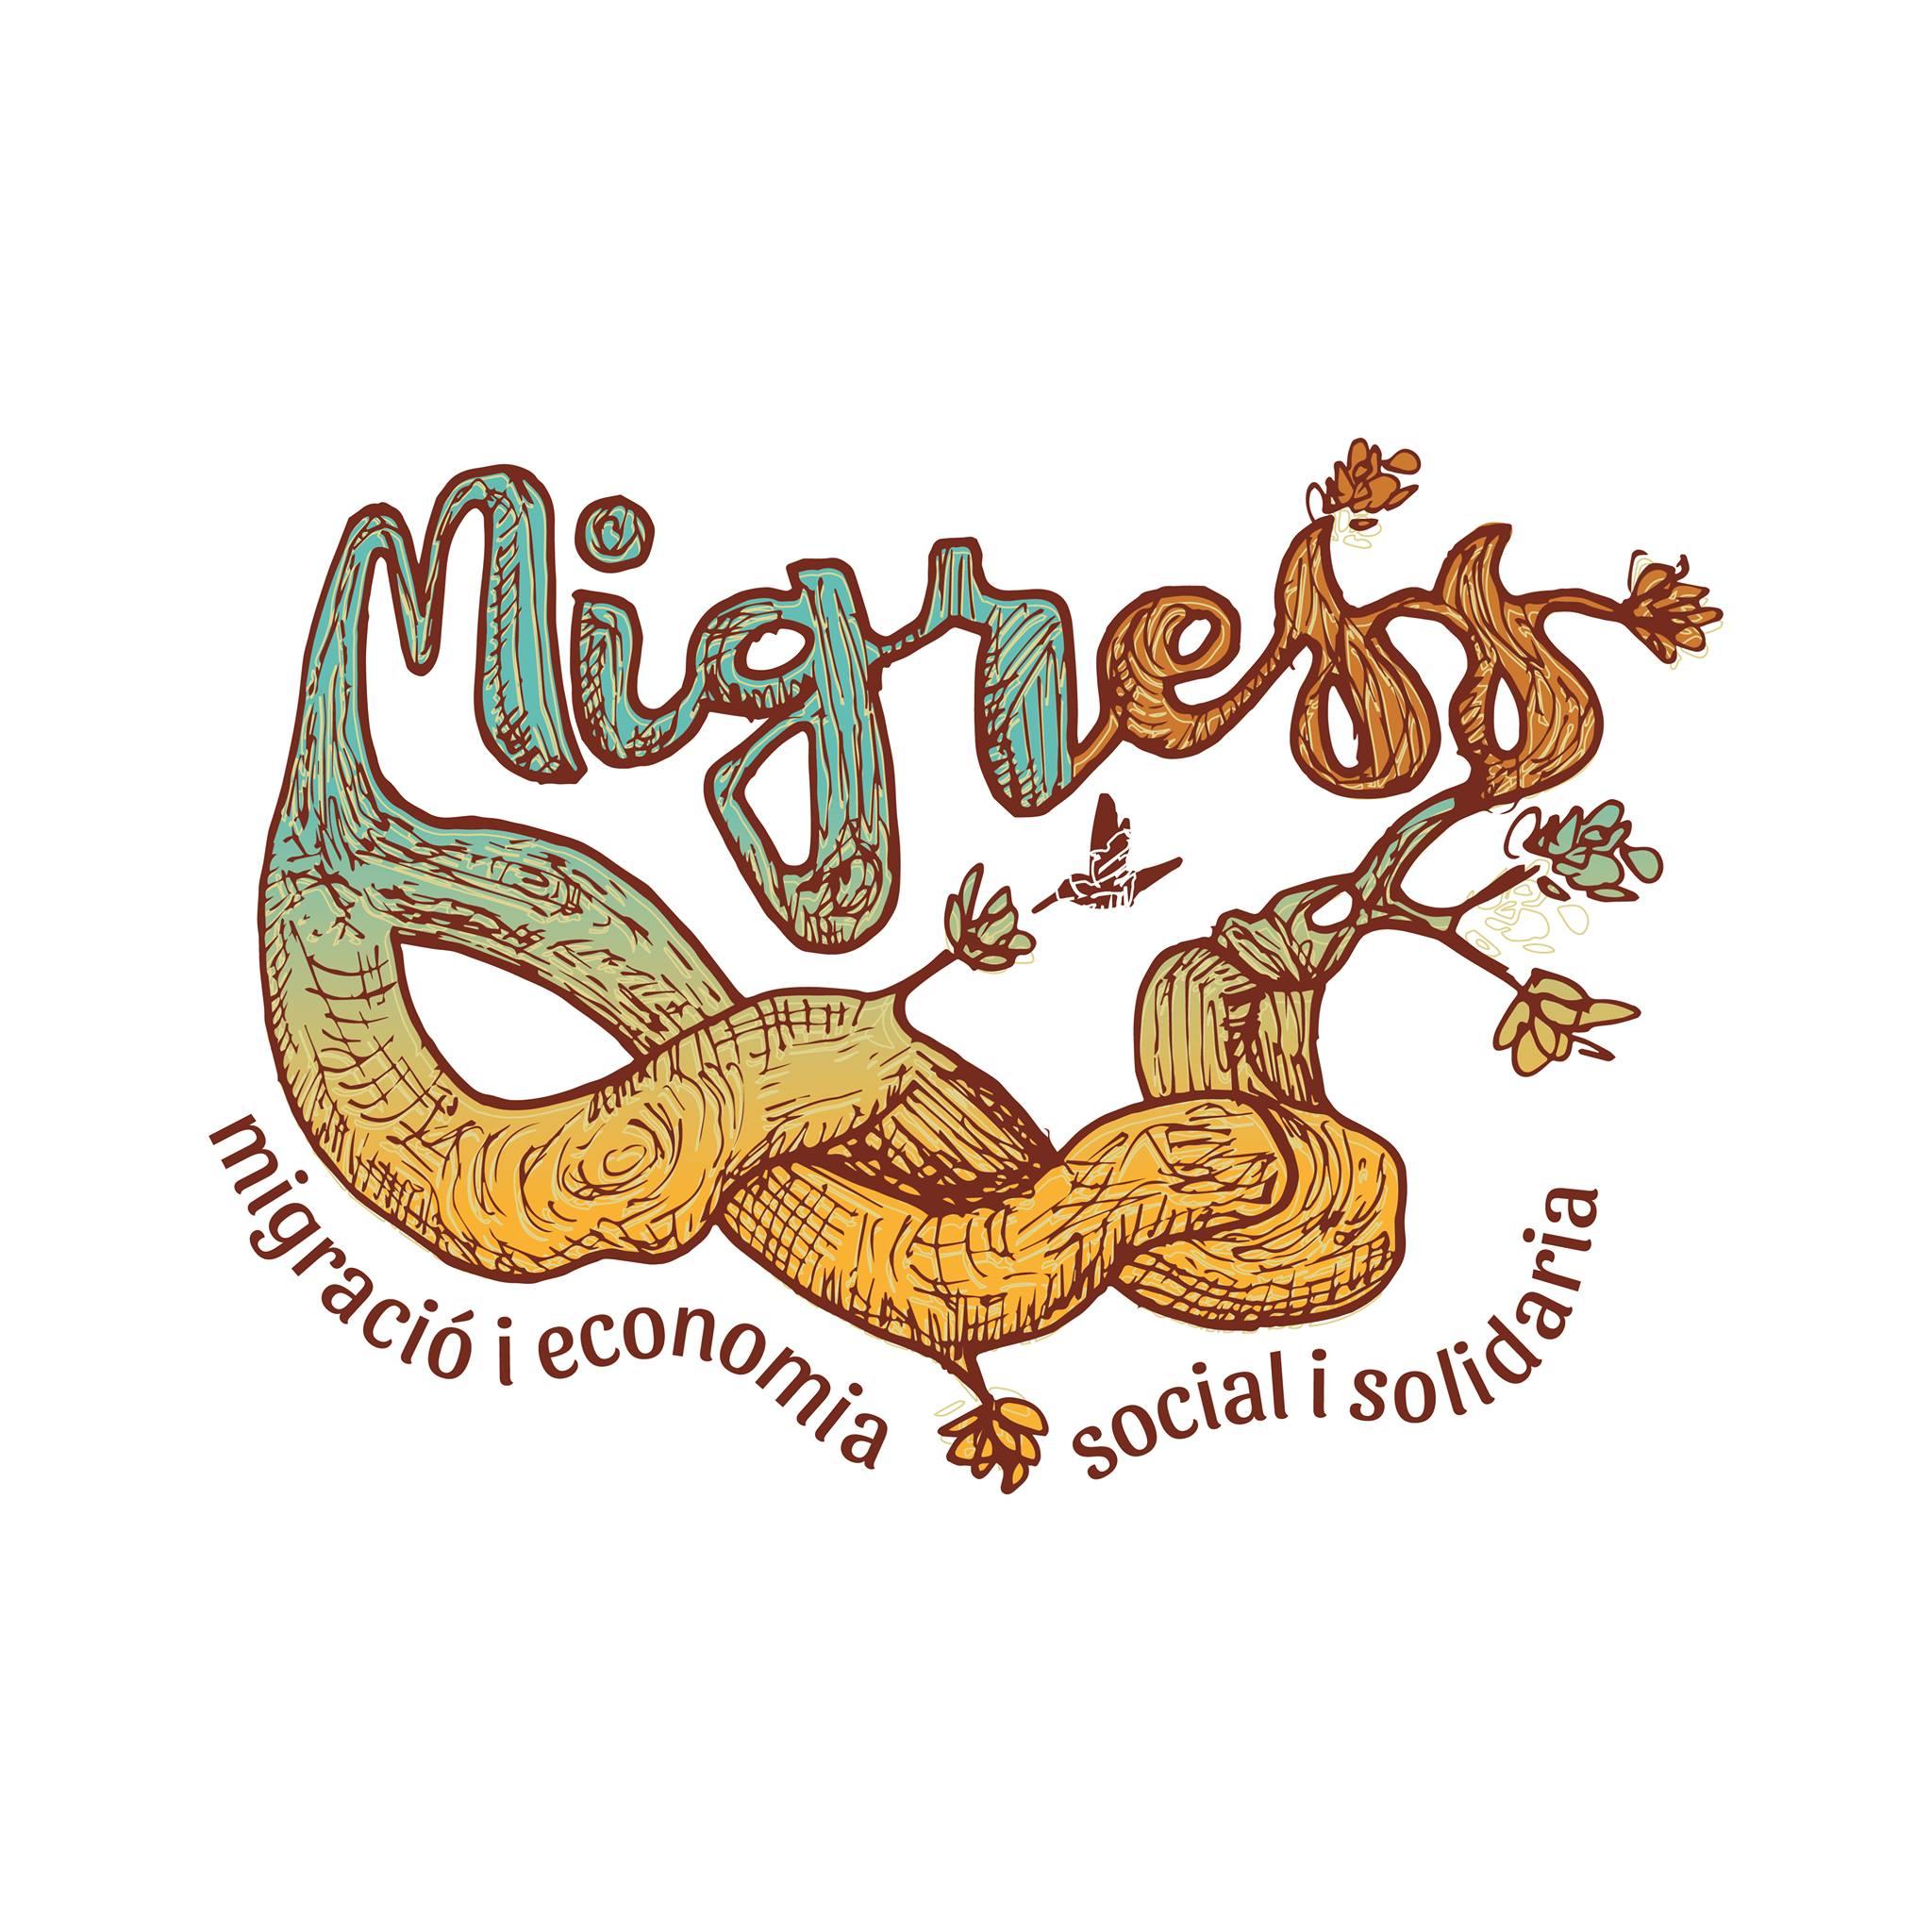 MIGRESS – MIGRACIÓ i ESS